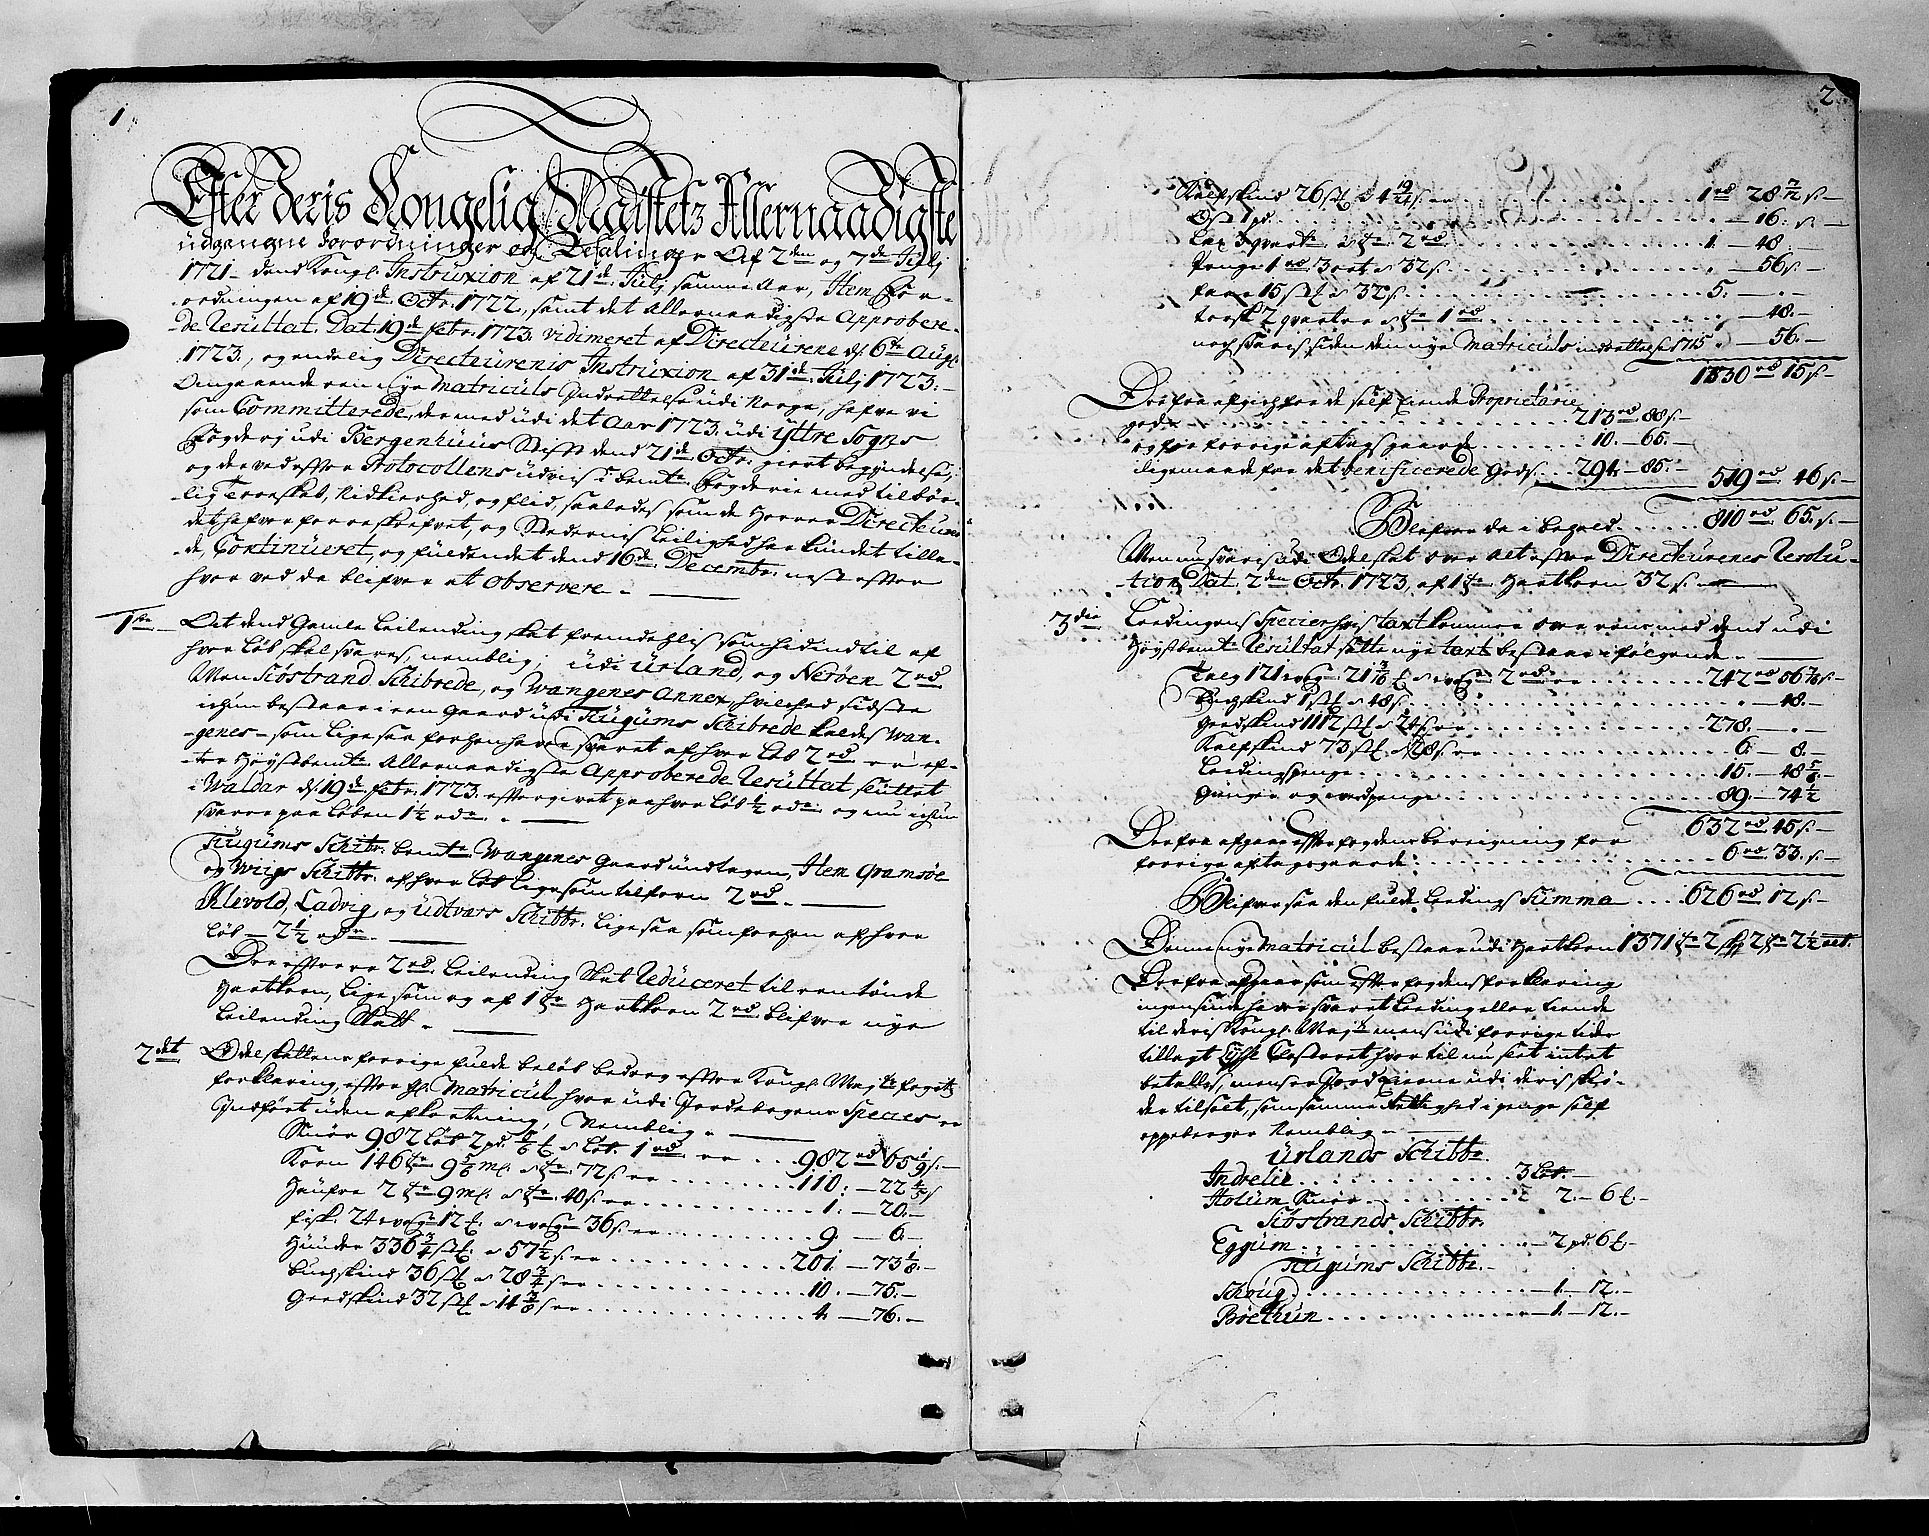 RA, Rentekammeret inntil 1814, Realistisk ordnet avdeling, N/Nb/Nbf/L0145: Ytre Sogn matrikkelprotokoll, 1723, s. 1-2